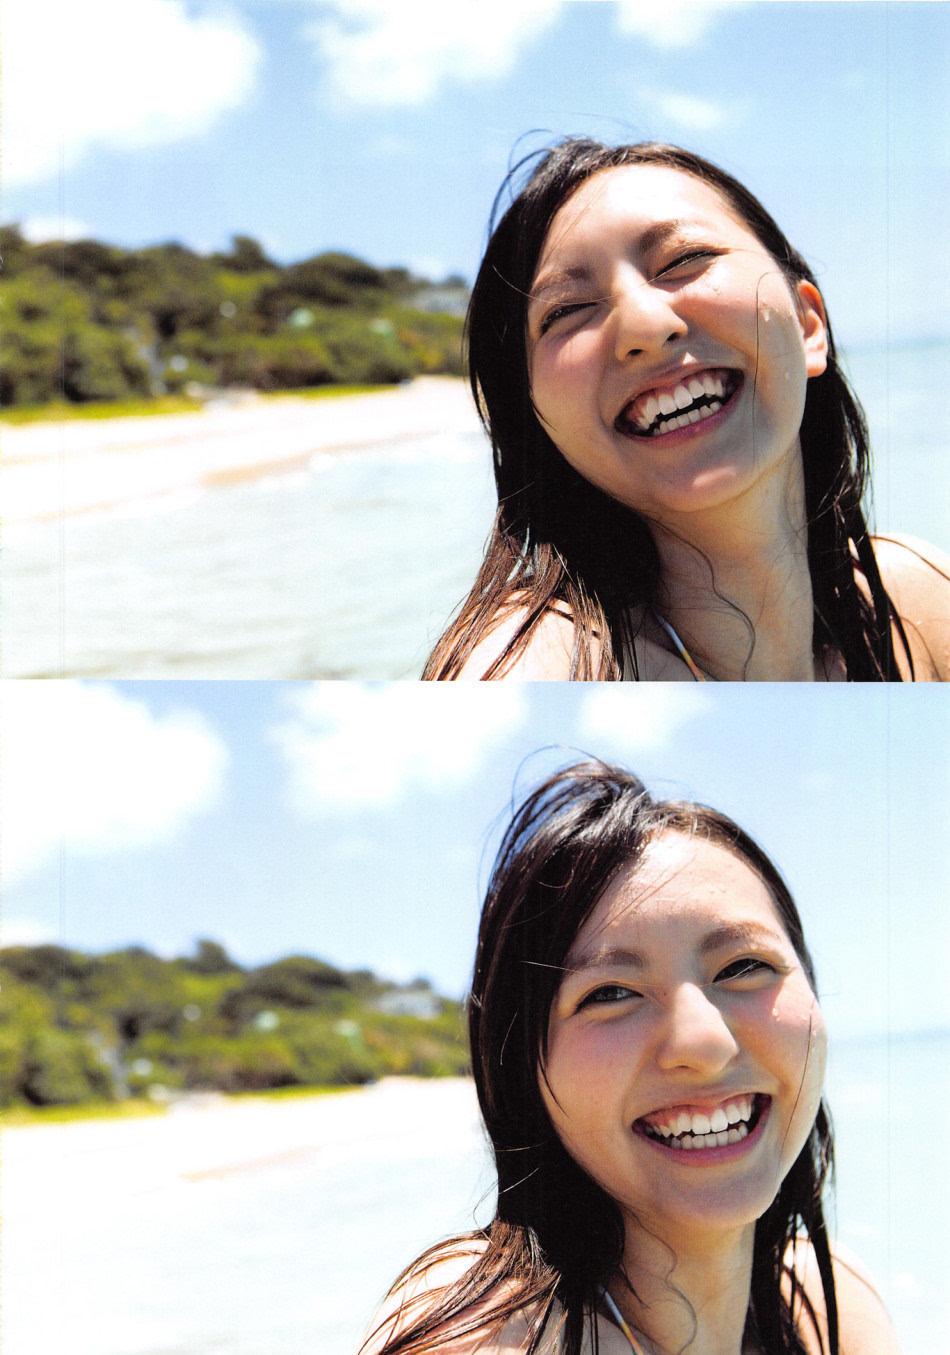 模比基尼写真 笑容灿烂超治愈